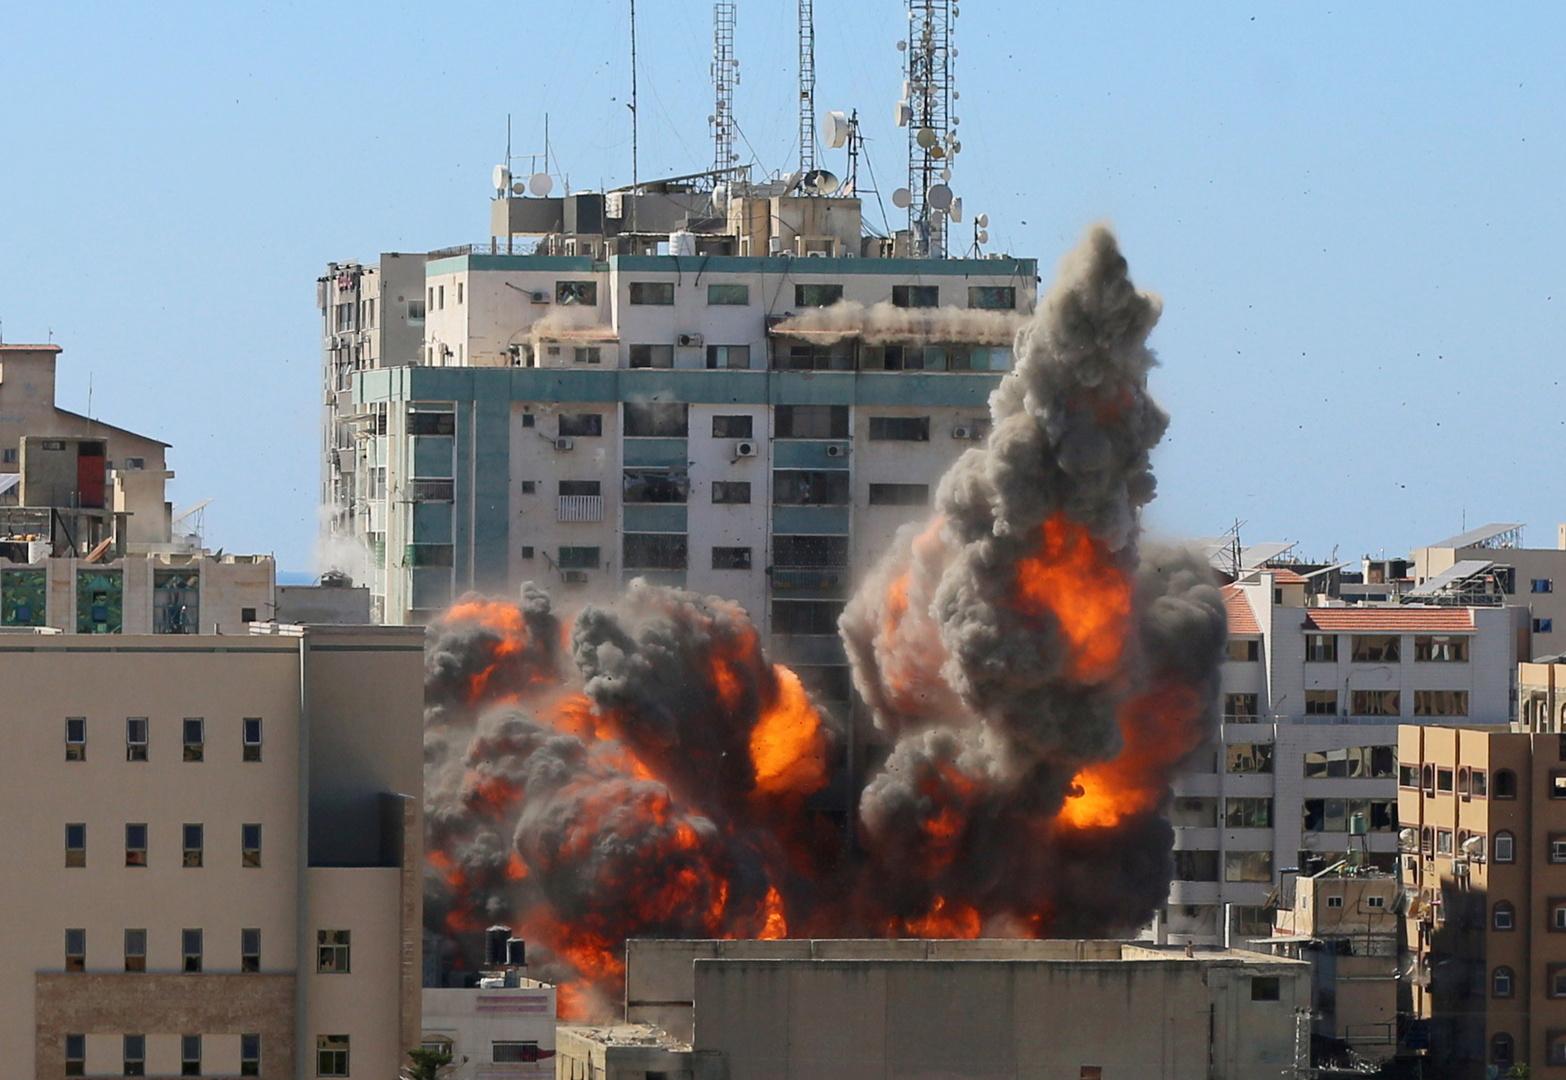 تطورات الحرب الفلسطينية الإسرائيلية لحظة بلحظة